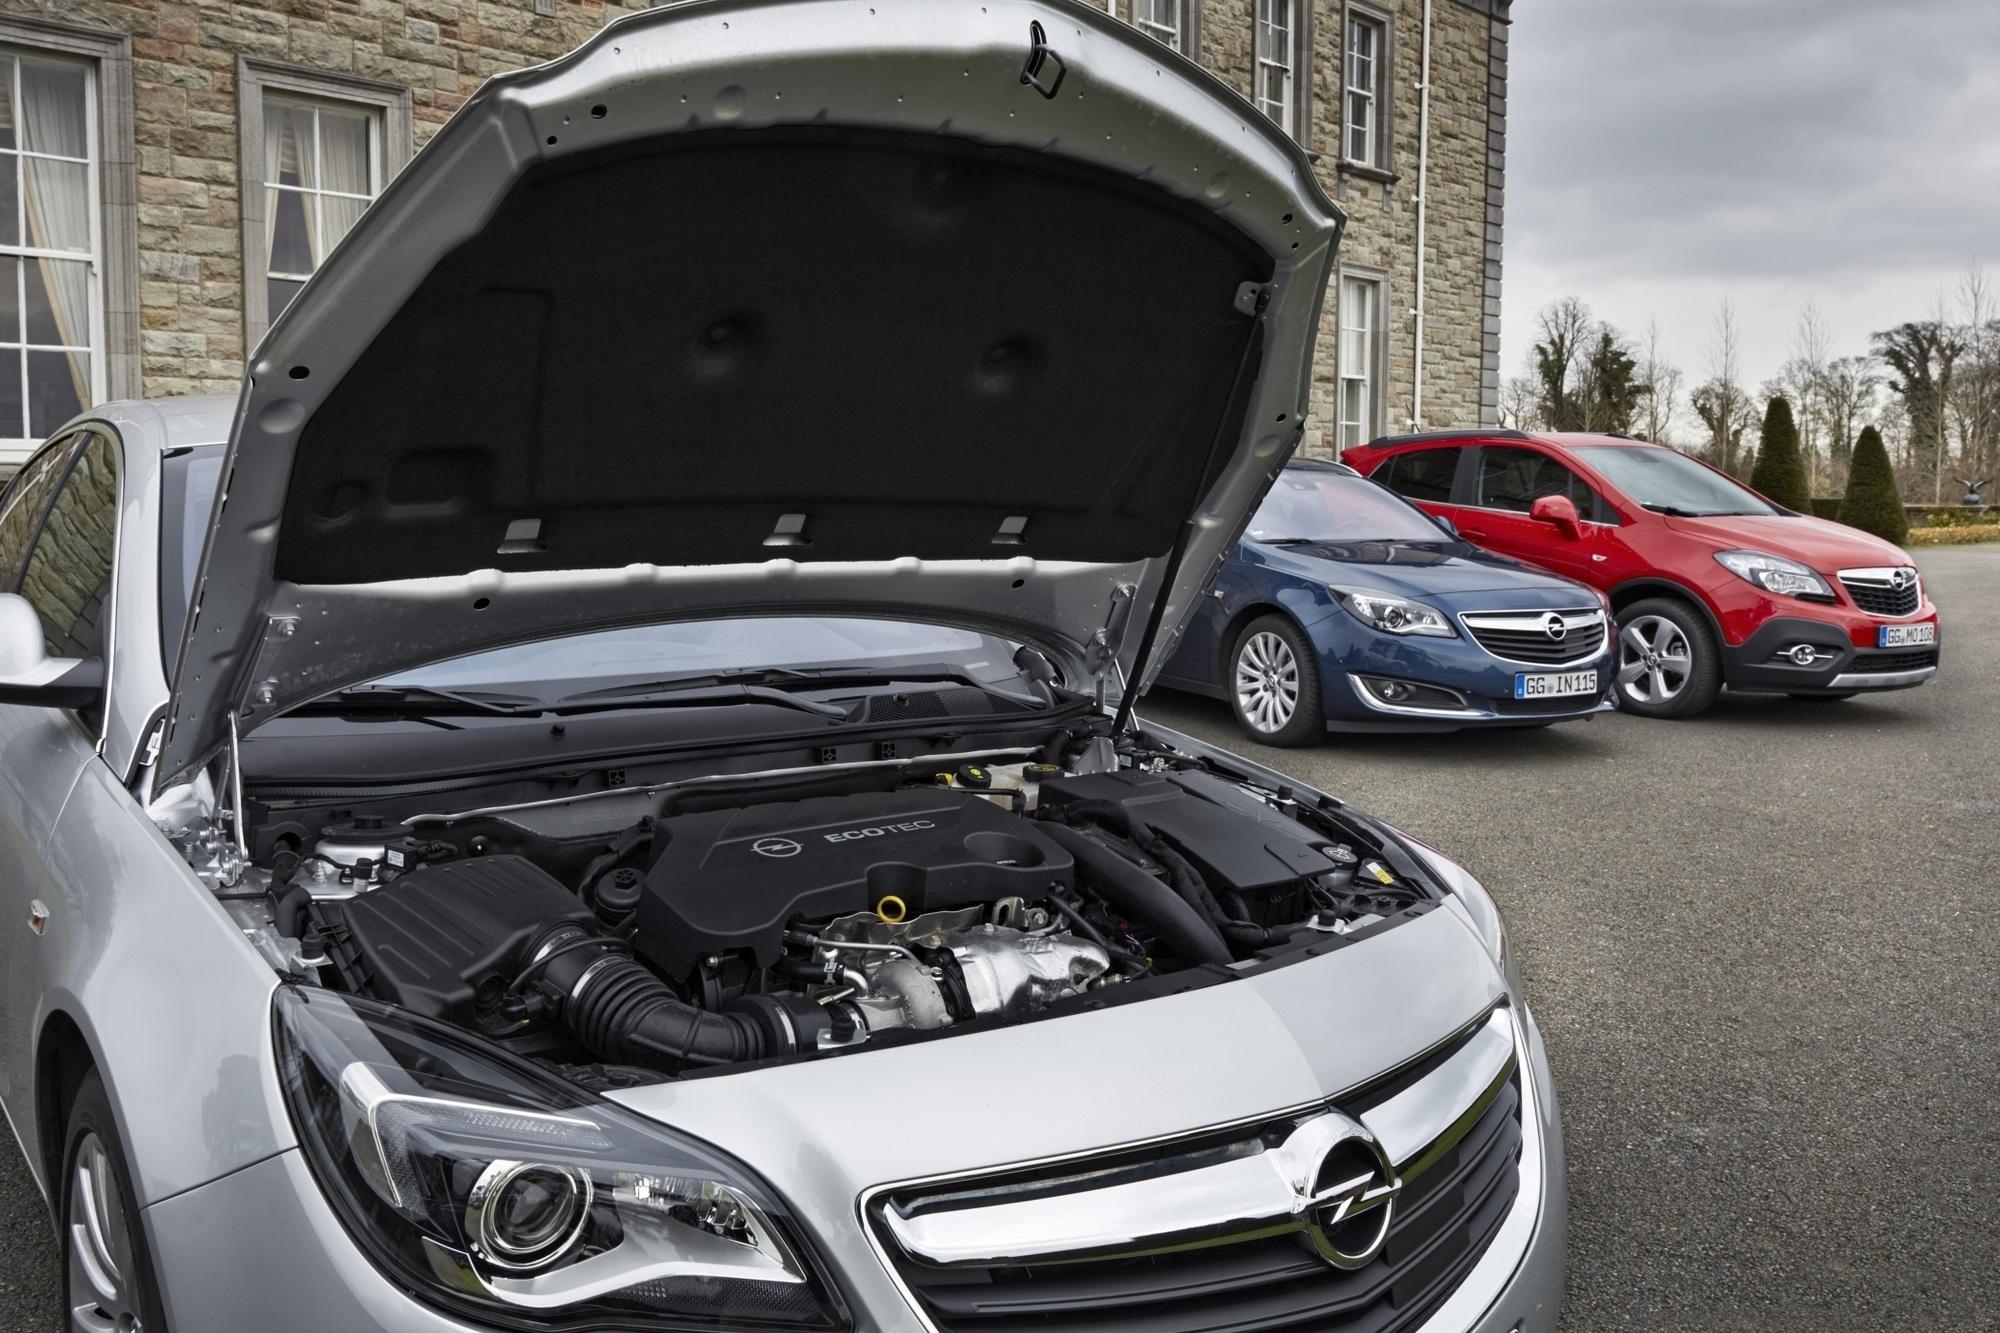 Fahrbericht: Frische Diesel für Opel Mokka und Insignia - Leiser sparen